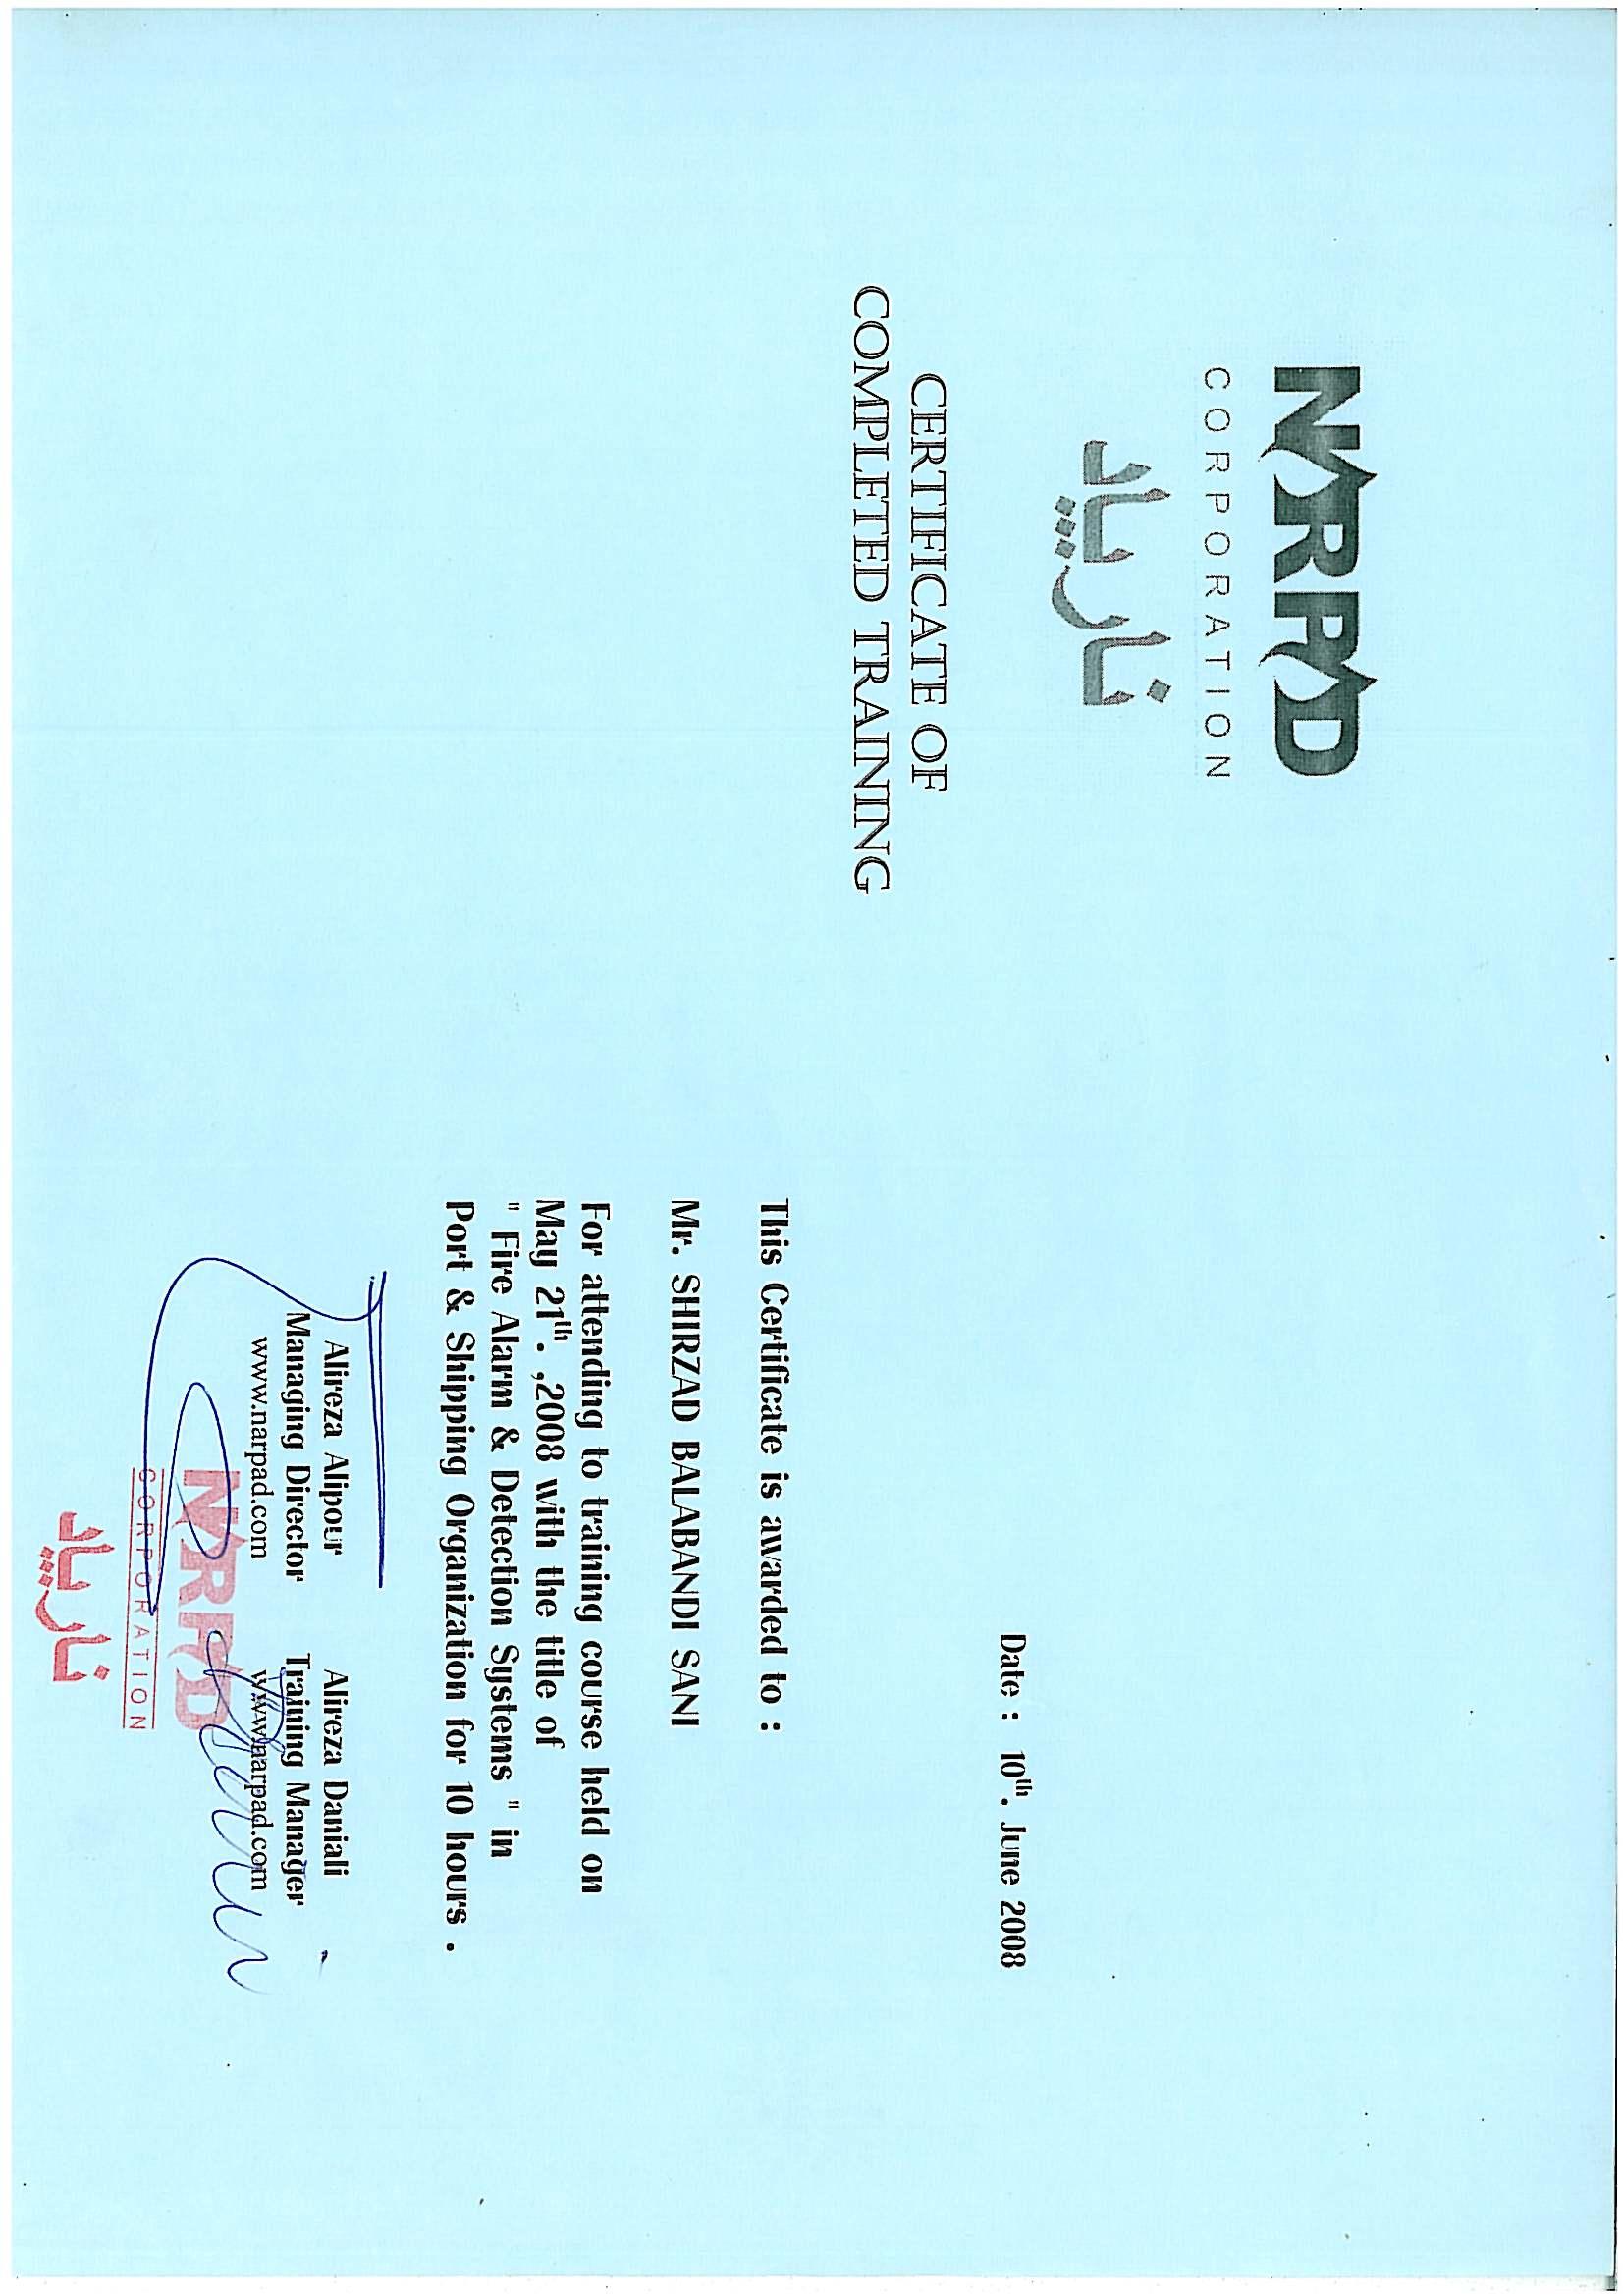 SKMBT_C45013122210200_0007